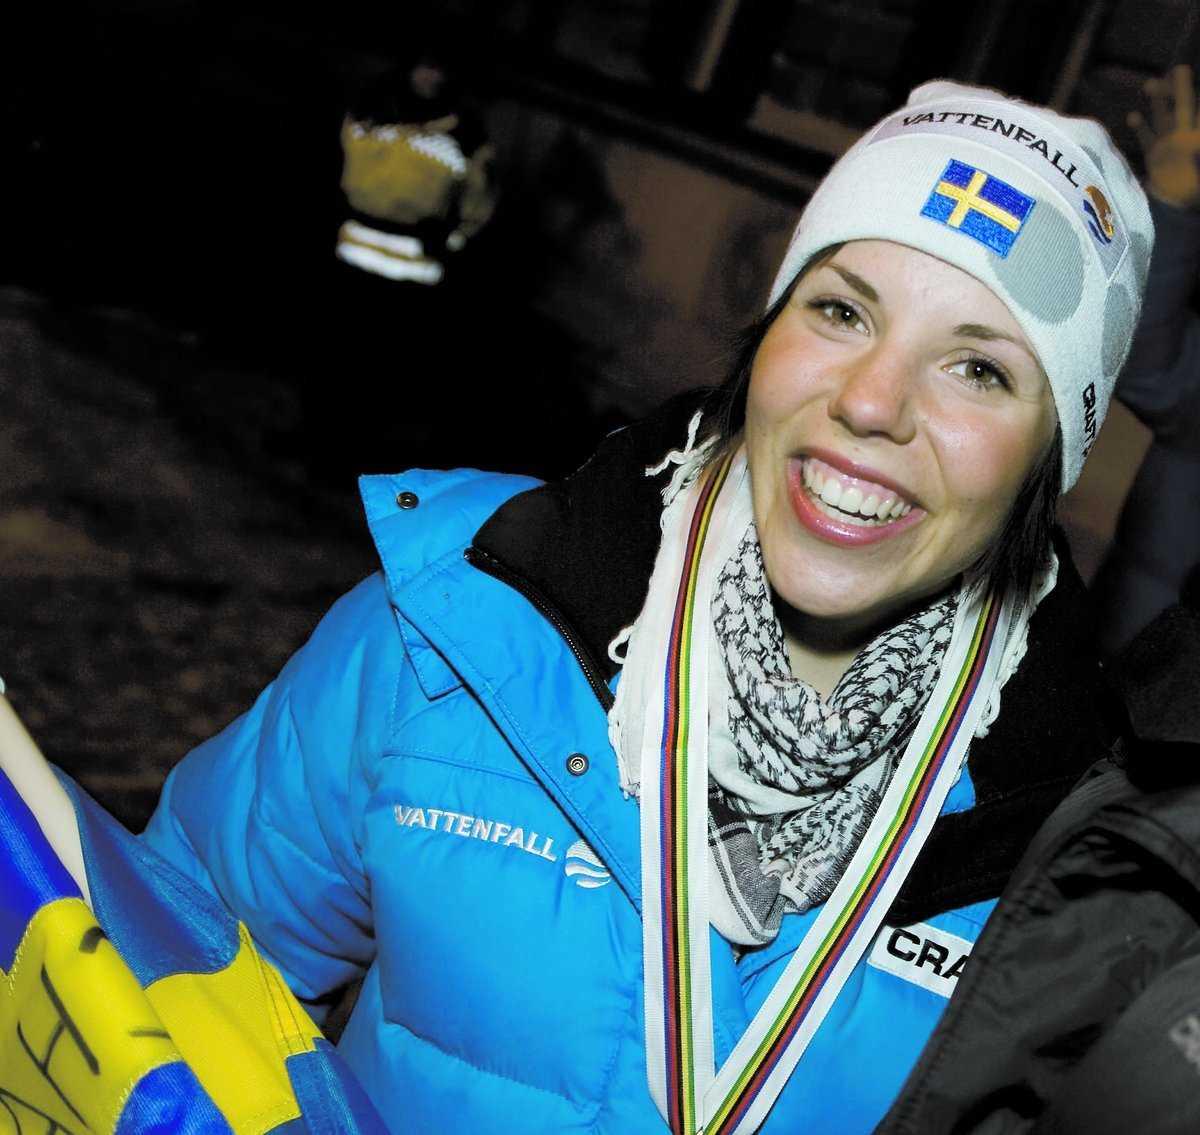 Favorit Charlotte Kallas avslutning i stafetten var lysande, och nu är siktet inställt på morgondagens tremil, där hon är en av de stora guldfavoriterna.